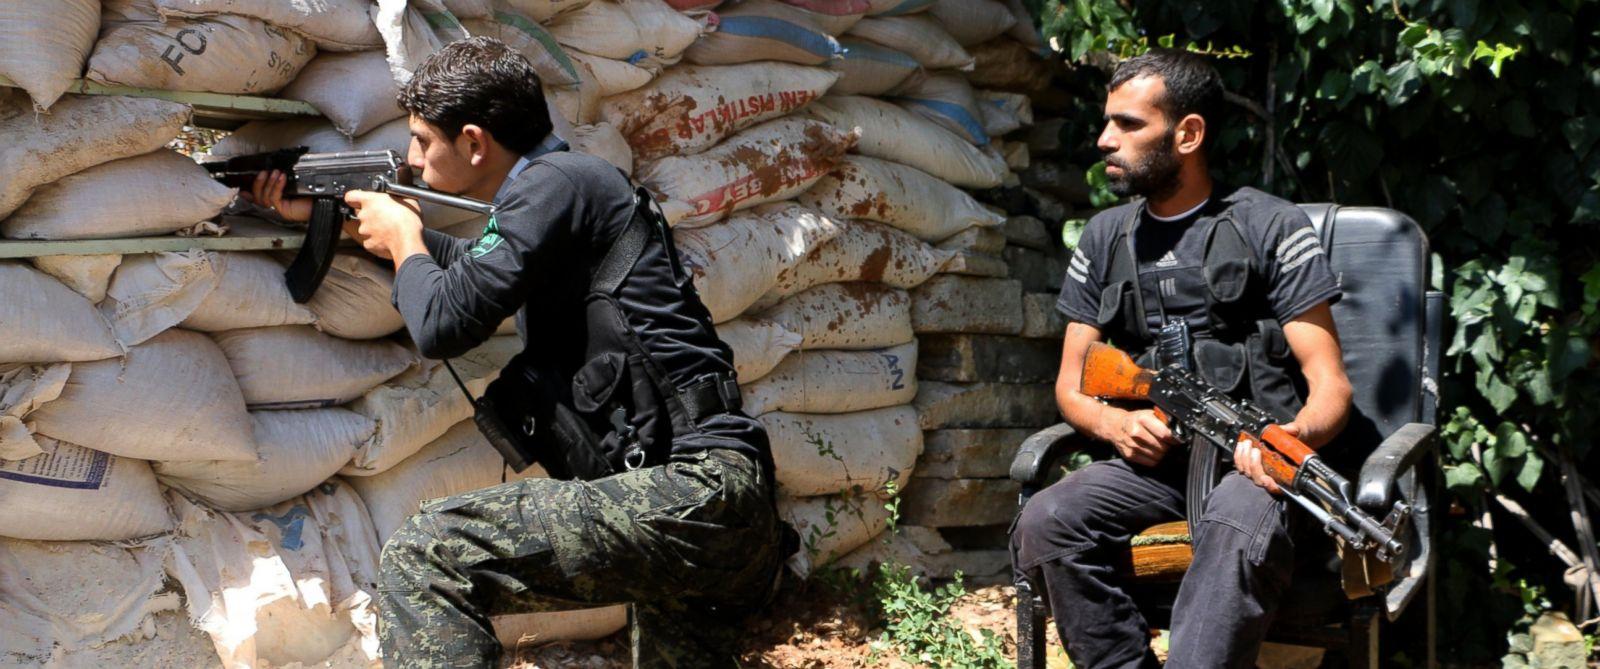 واشنطن تزود مقاتلي المعارضة السورية بالذخائر